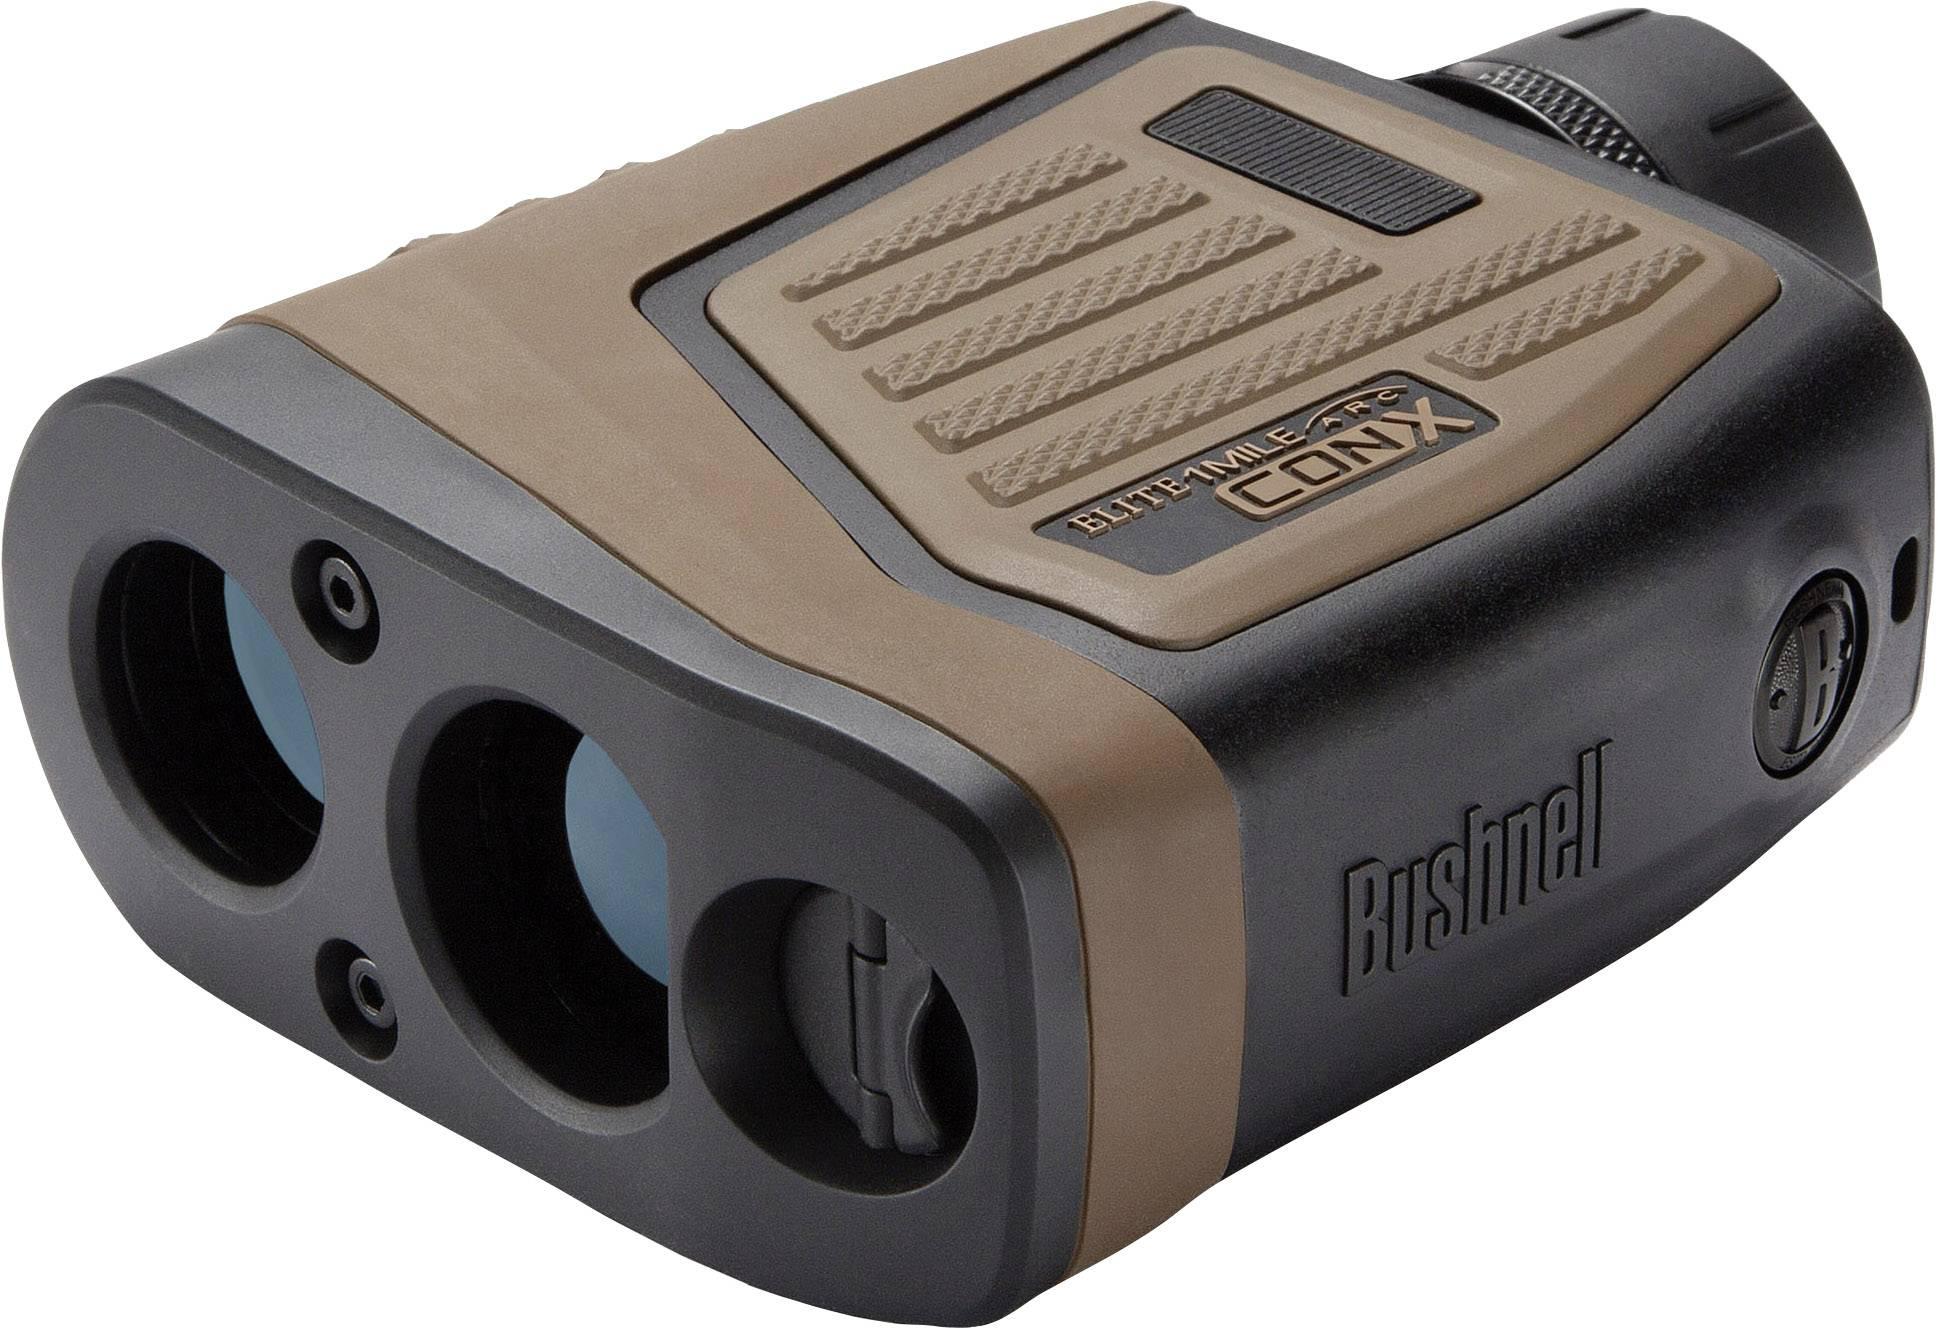 Entfernungsmesser Bushnell : Entfernungsmesser bushnell elite mile con mit arc mm